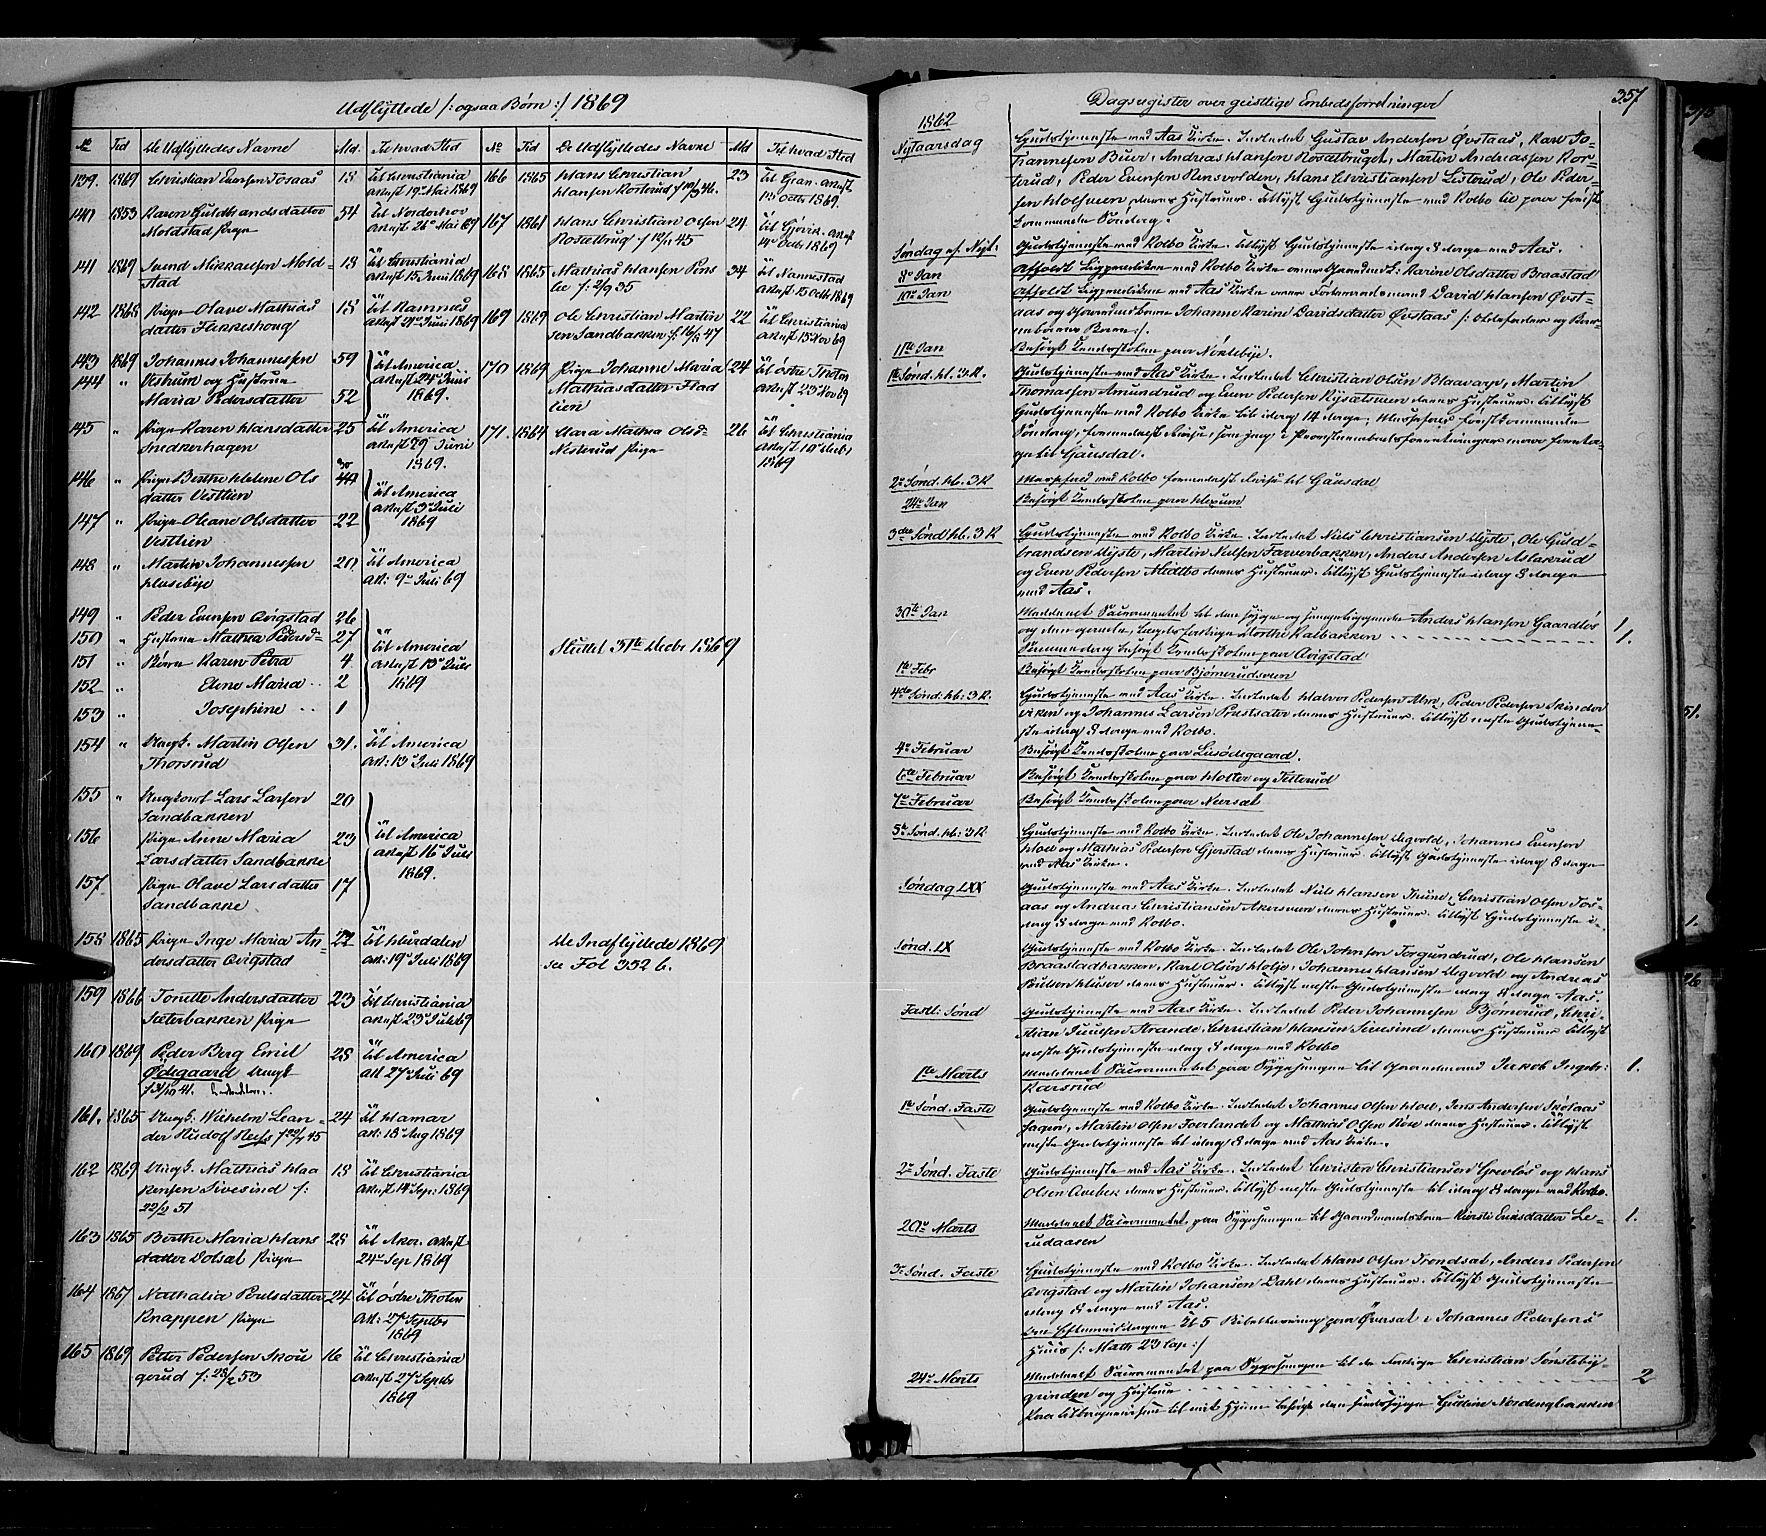 SAH, Vestre Toten prestekontor, Ministerialbok nr. 7, 1862-1869, s. 357